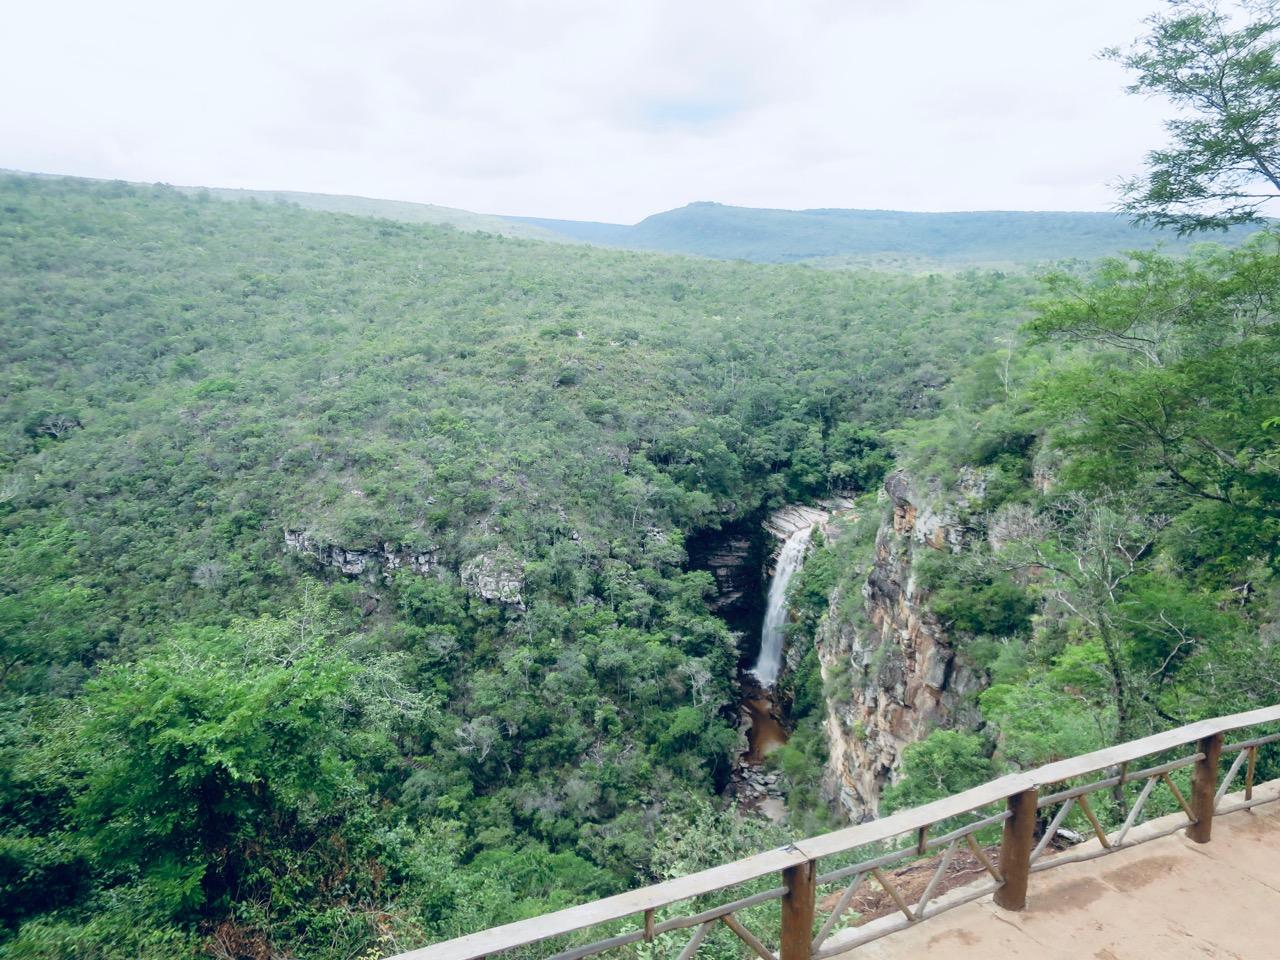 Cachoeira do Mosquito 1 08